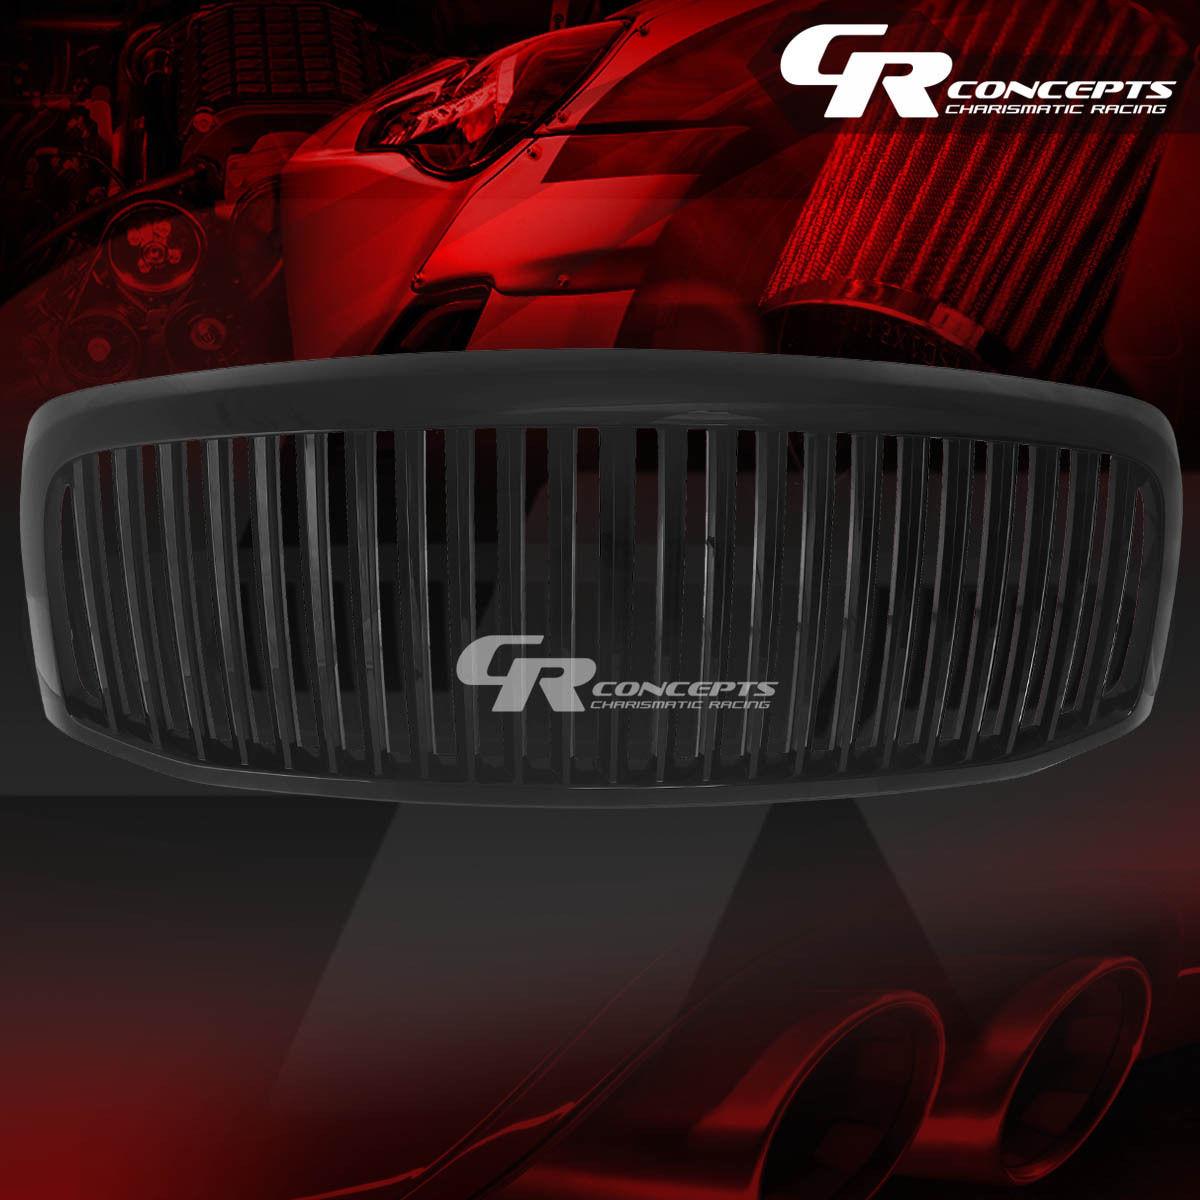 グリル FOR 06-08 RAM 1500/2500/3500 BLACKフロントアッパーバンパーグリルガード FOR 06-08 RAM 1500/2500/3500 BLACK FRONT UPPER BUMPER VERTICAL GRILLE GUARD